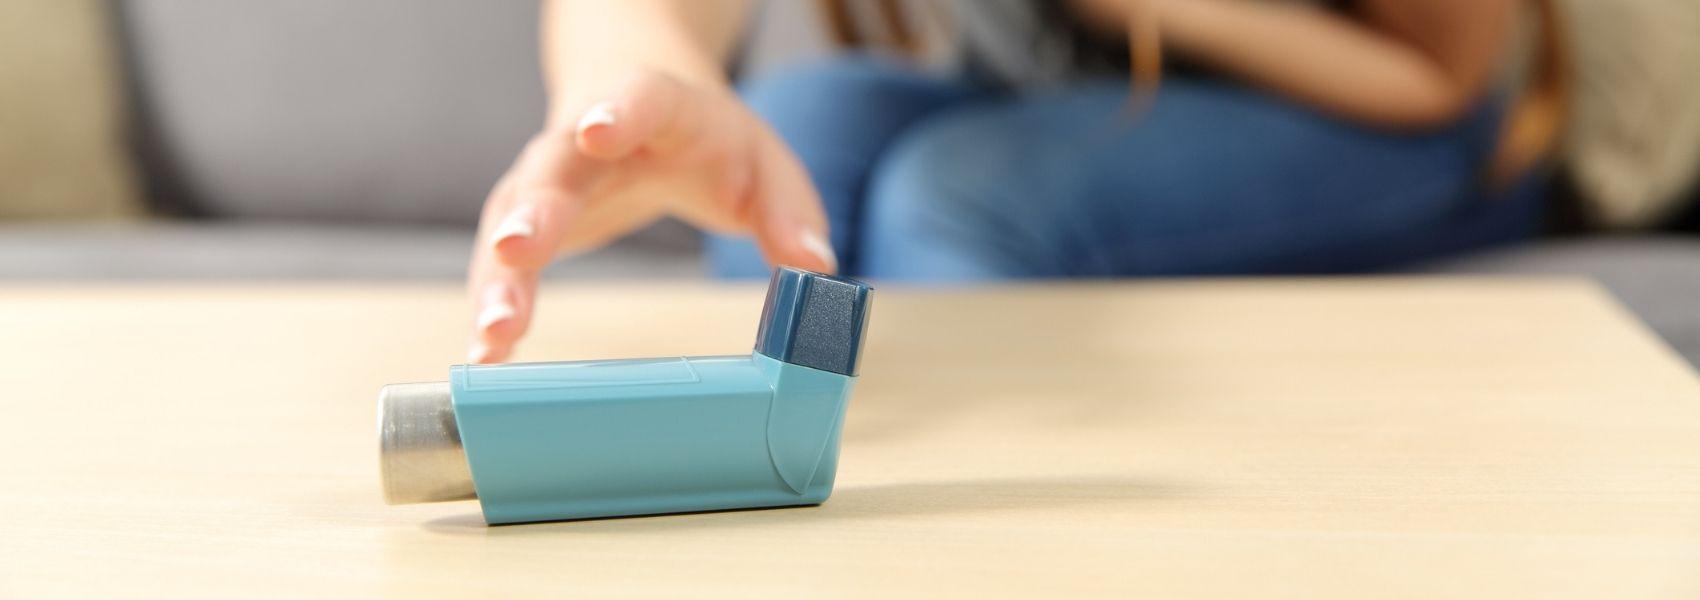 Campanha alerta para perigos da medicação de alívio na asma